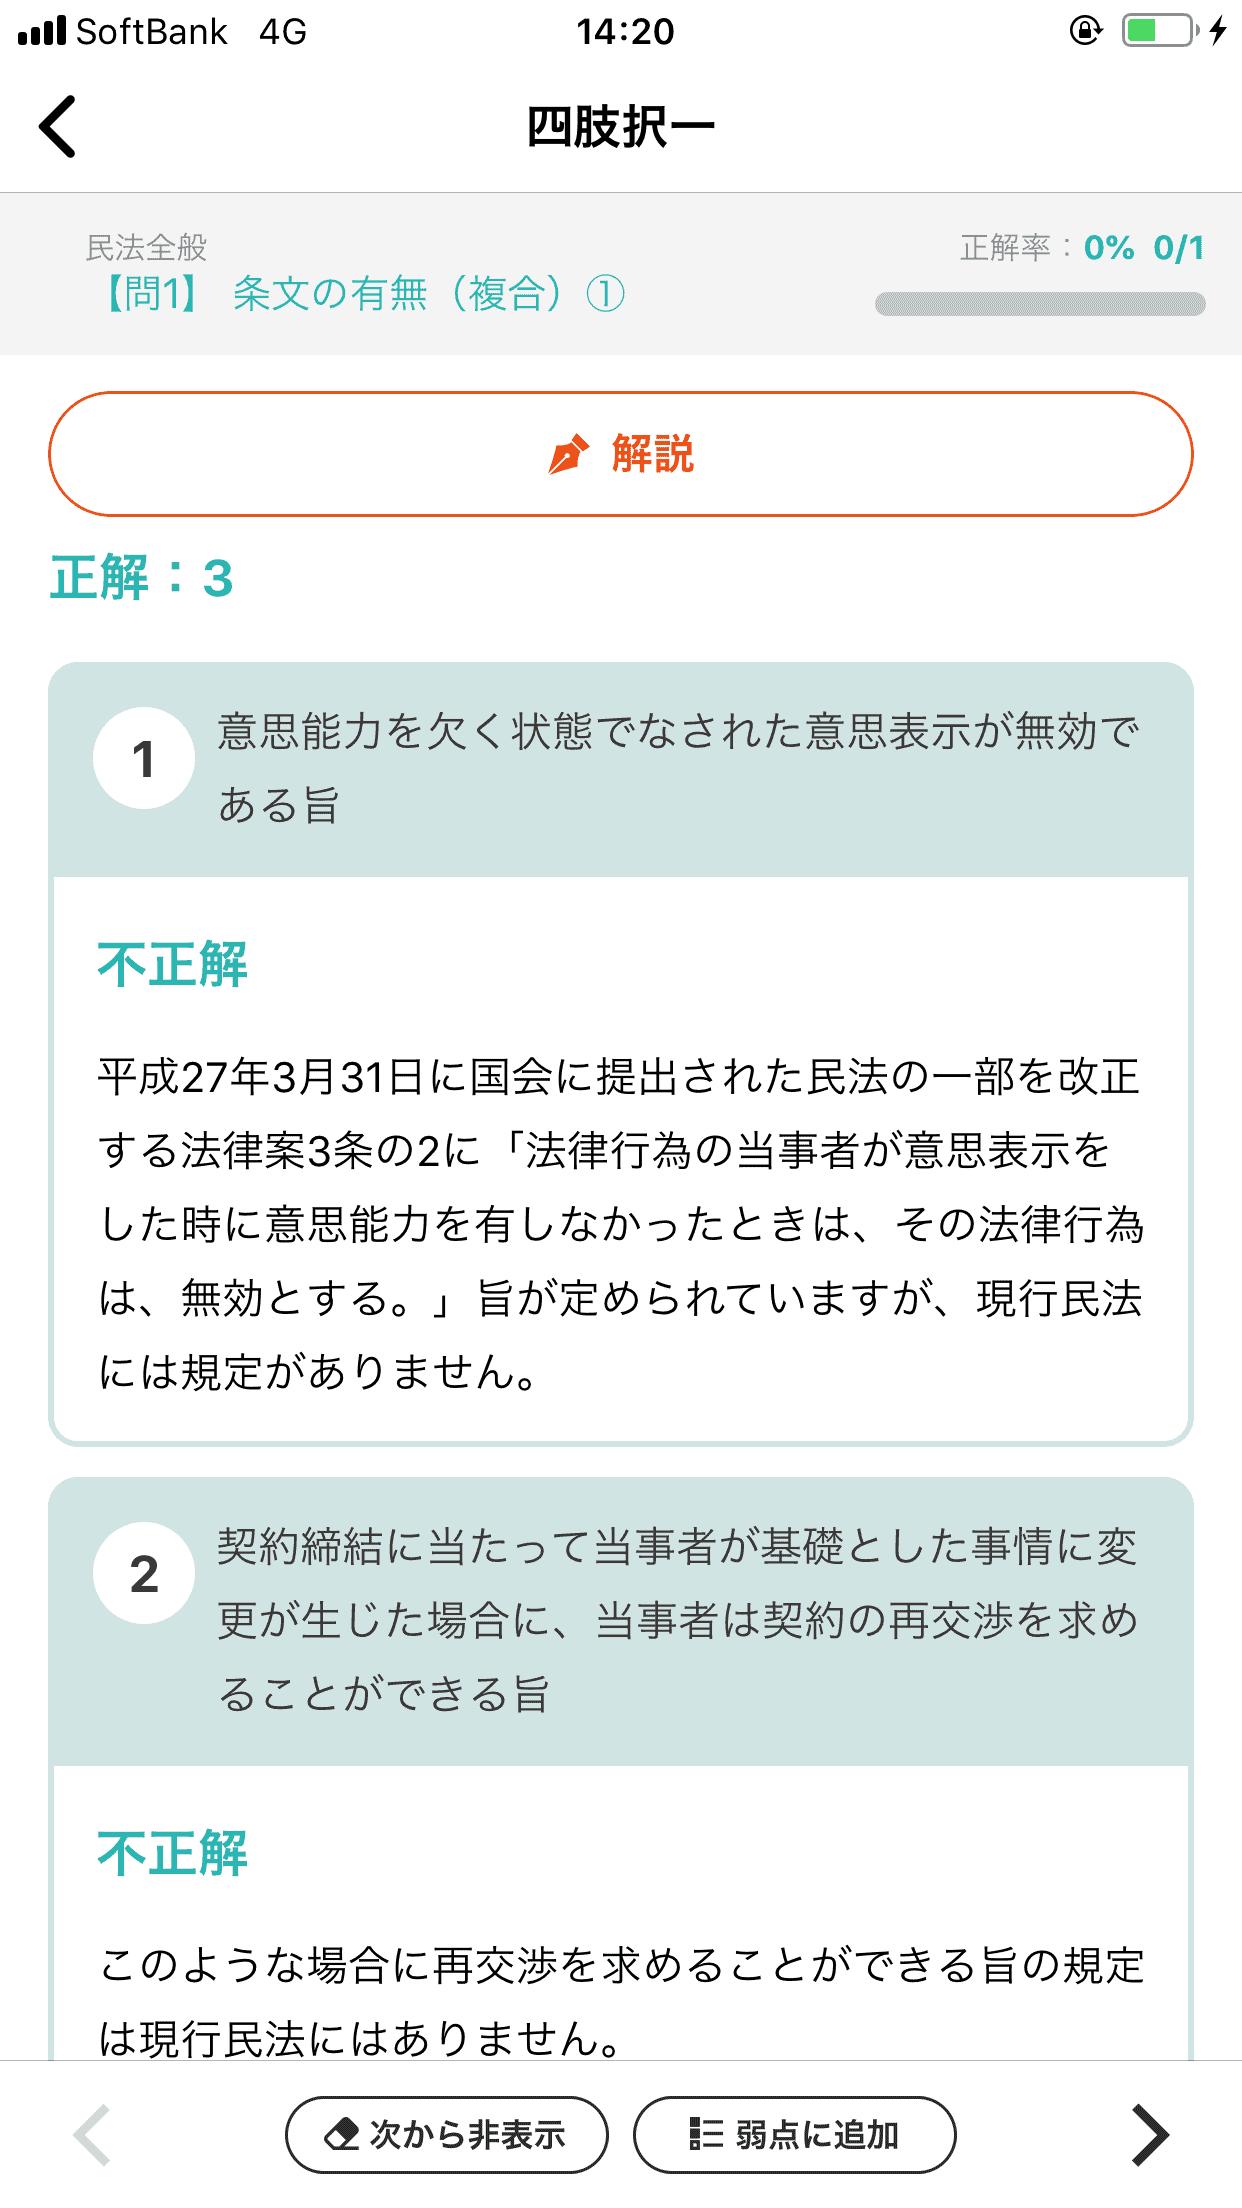 スタケンアプリ